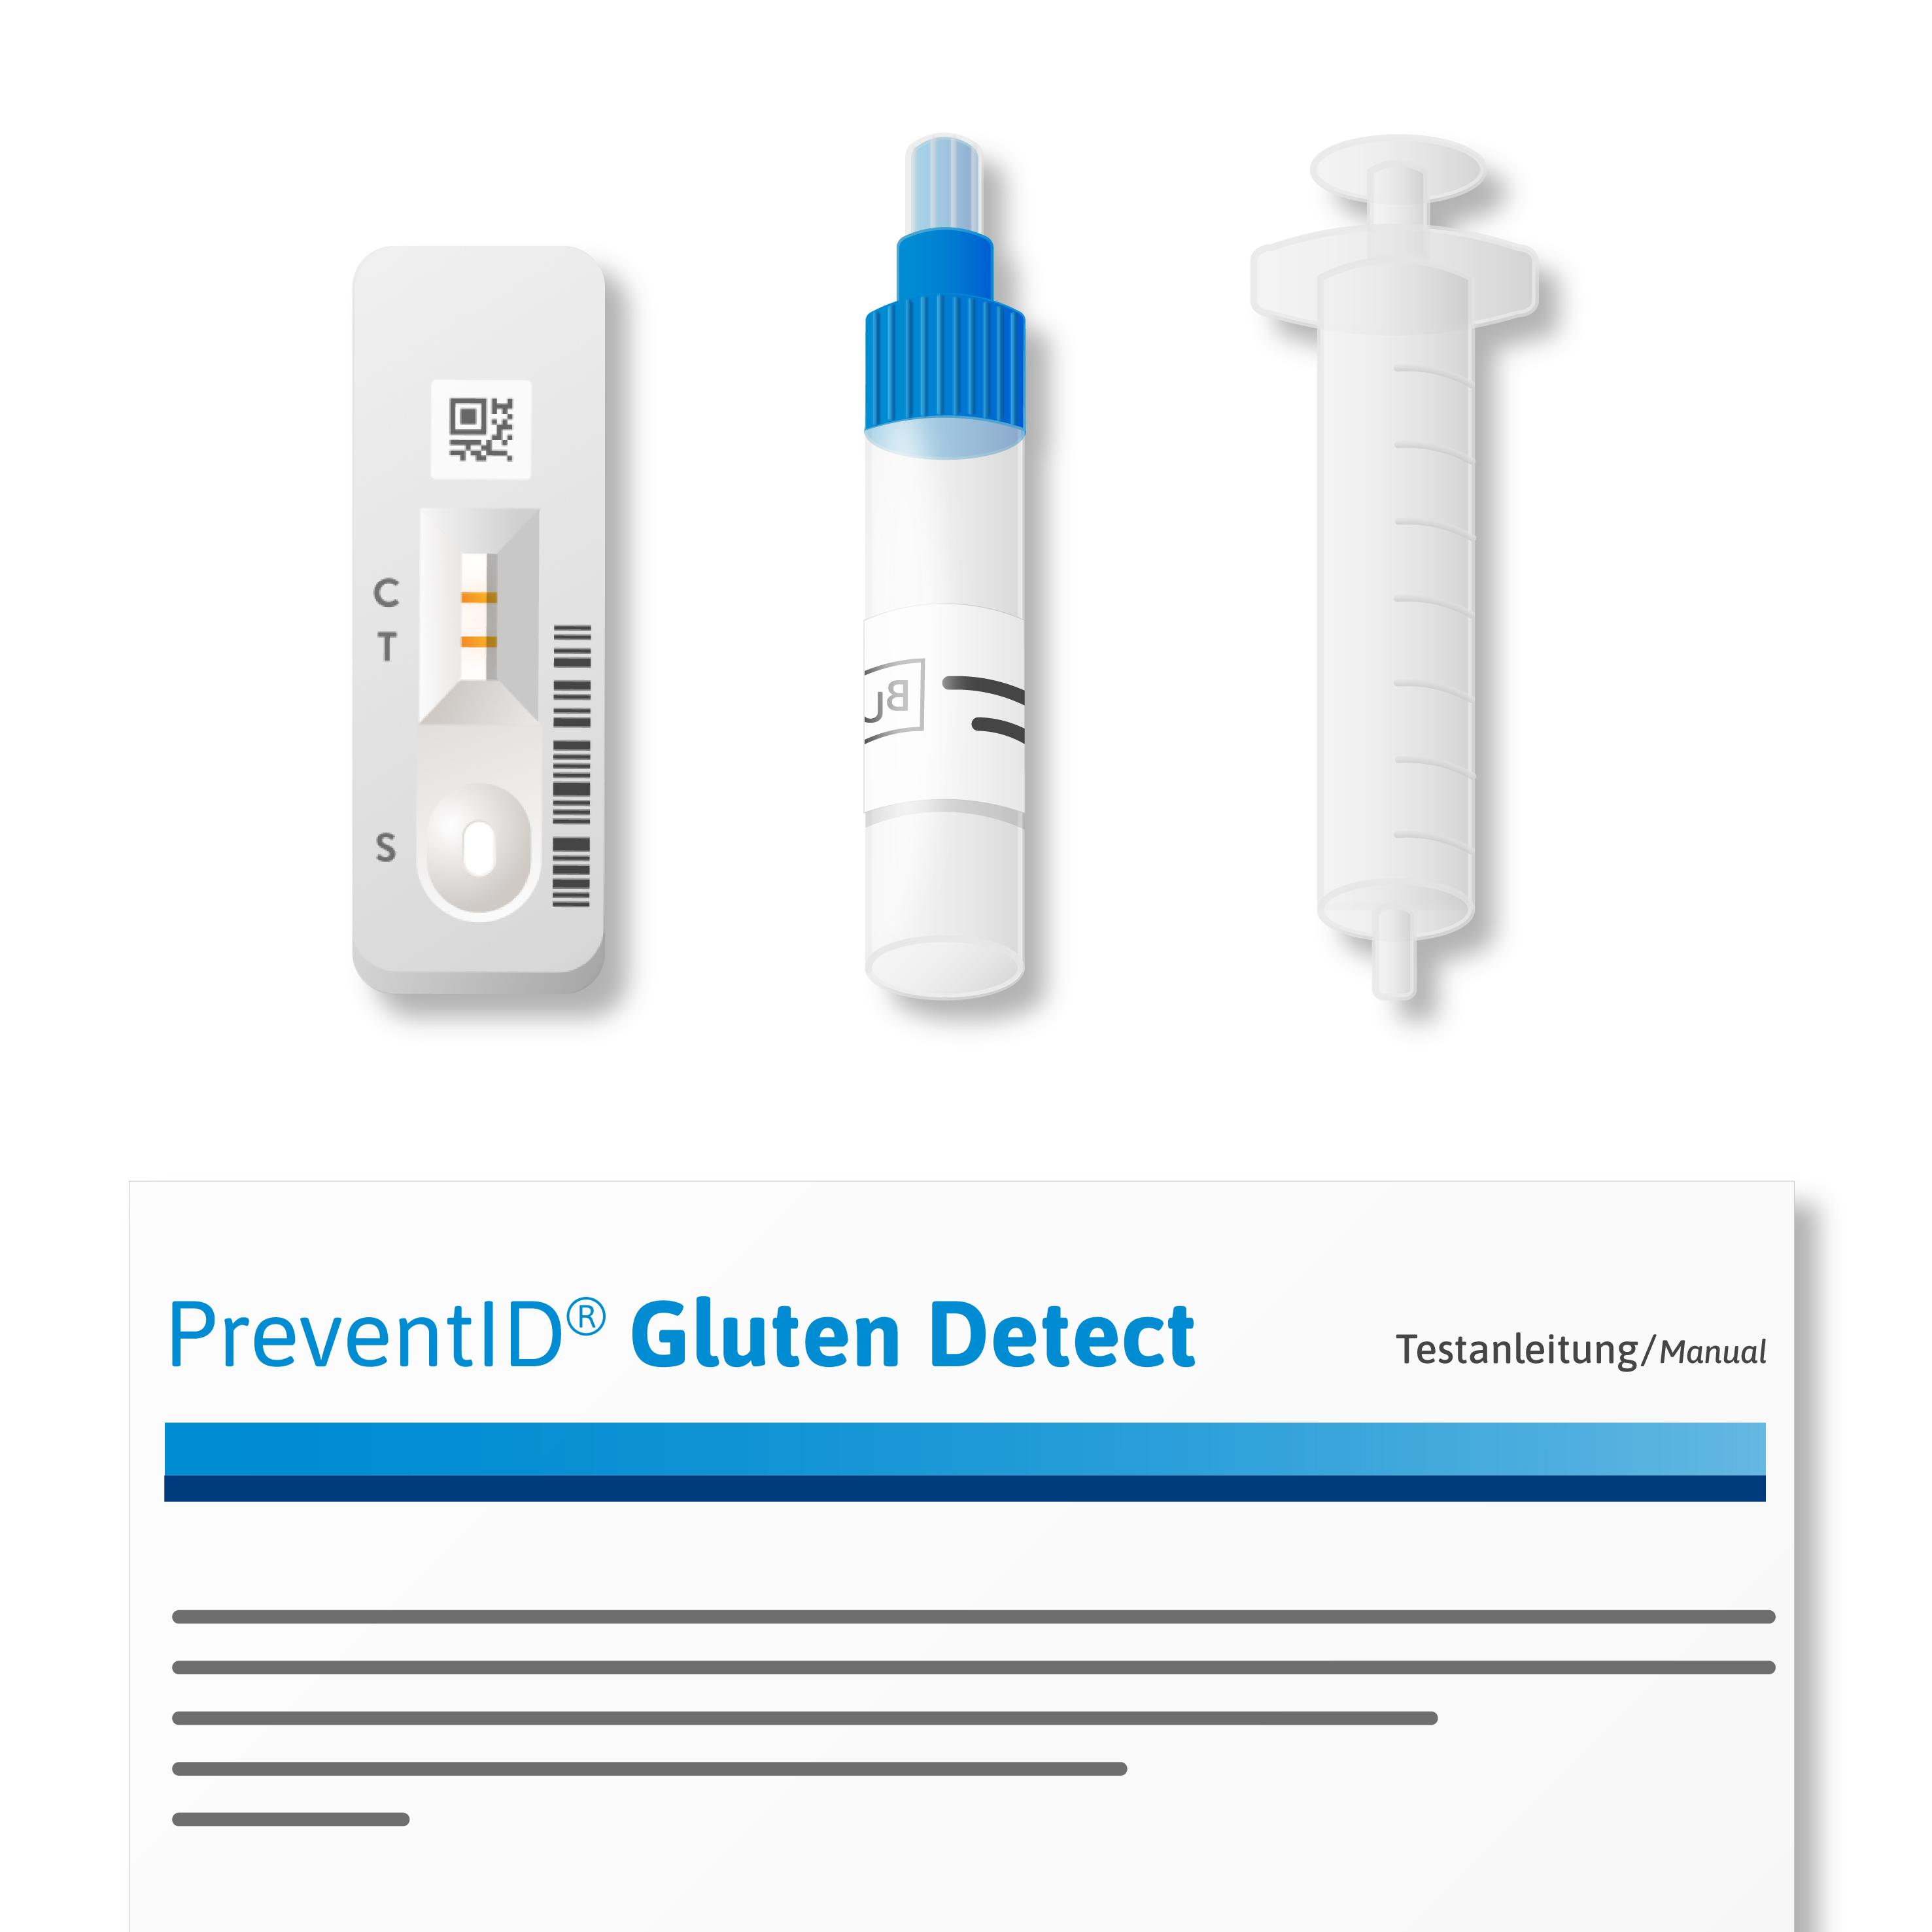 PreventID® Gluten Detect